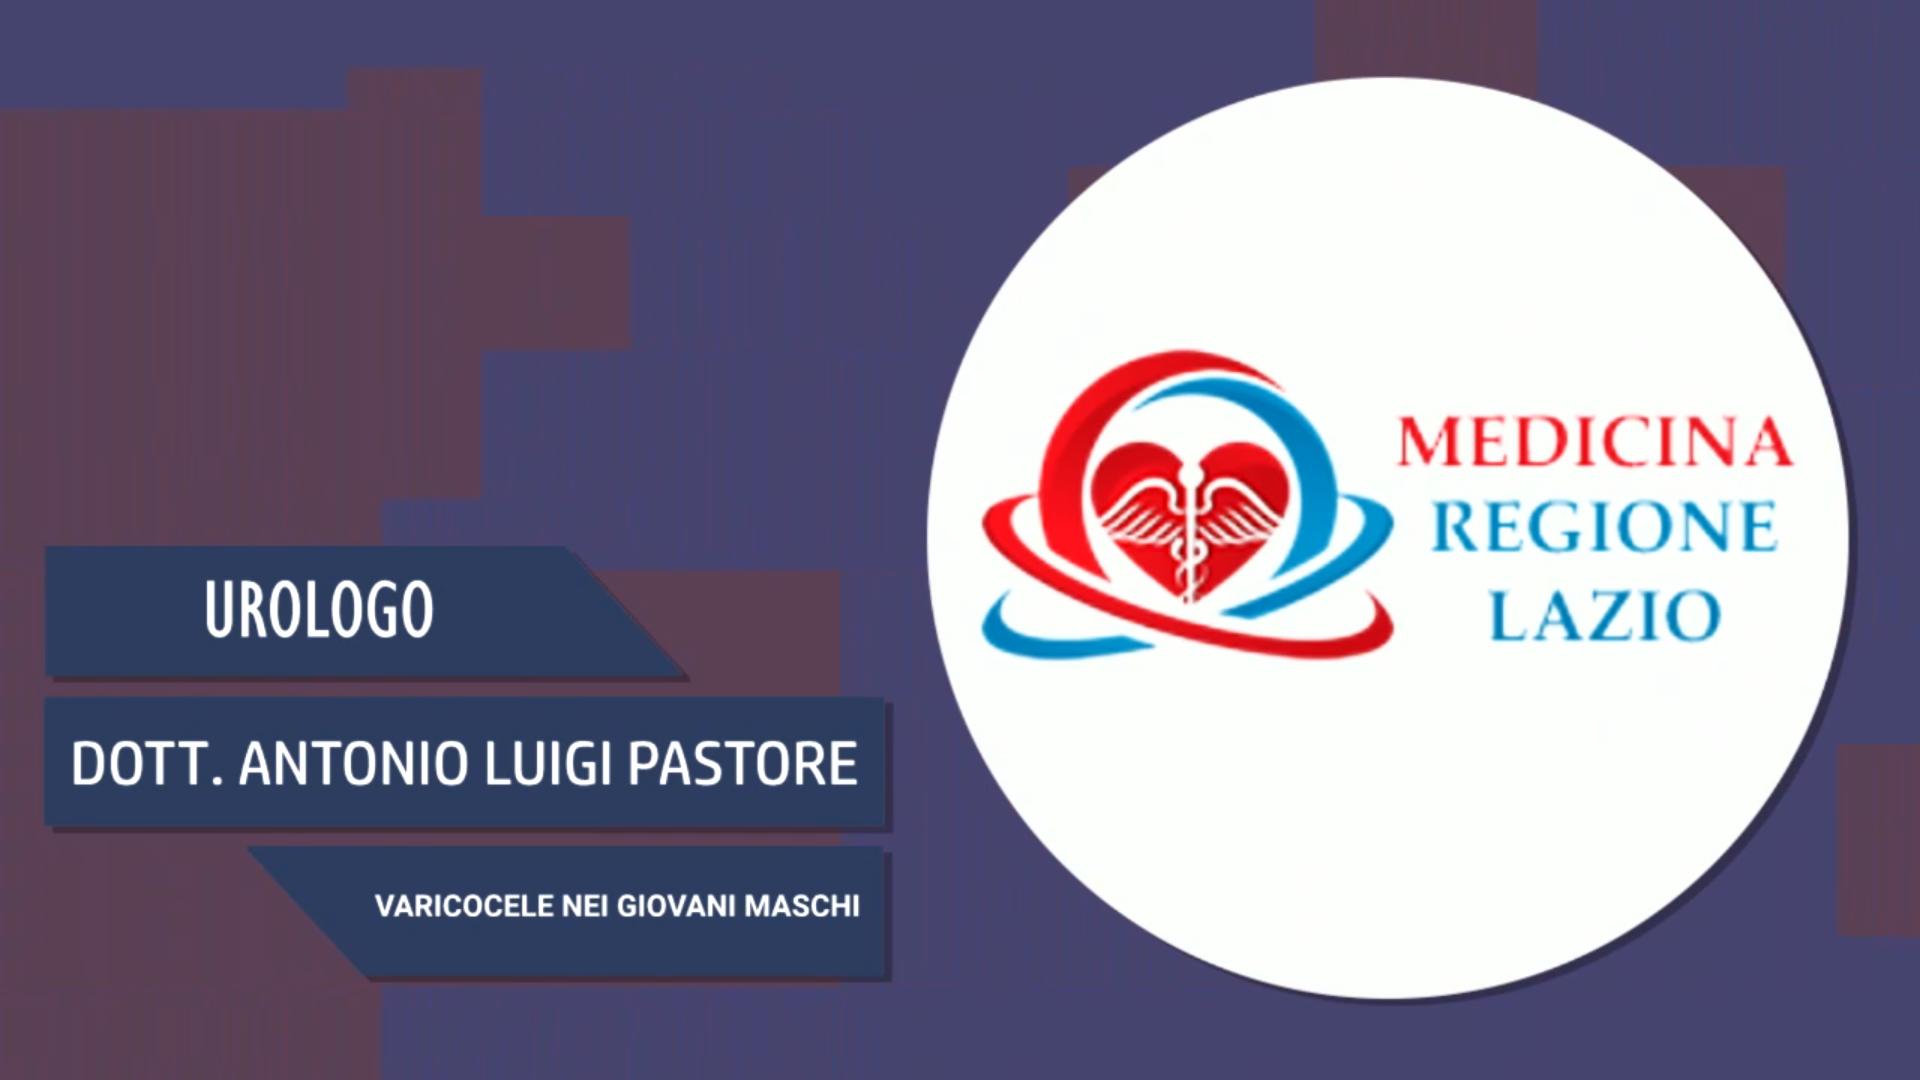 Intervista al Dott. Antonio Luigi Pastore – Varicocele nei giovani maschi